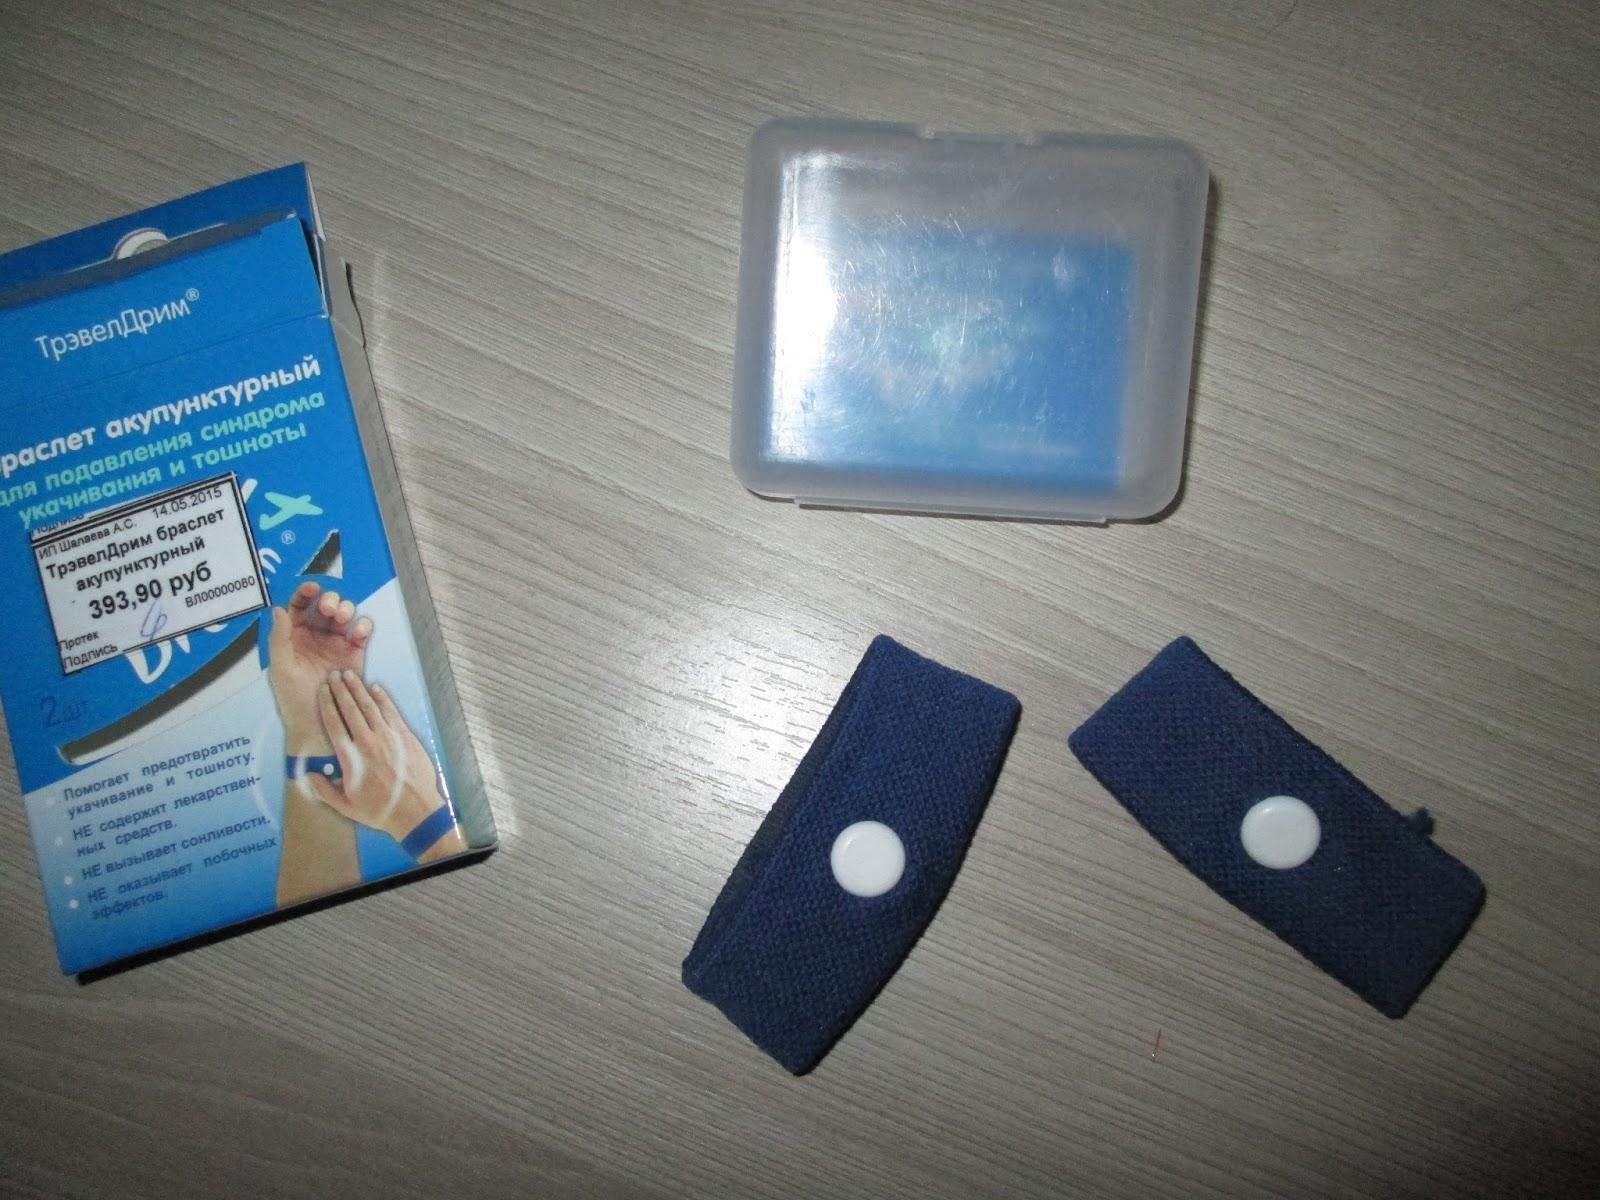 Браслеты от укачивания для детей: отзывы, инструкция, фото 15